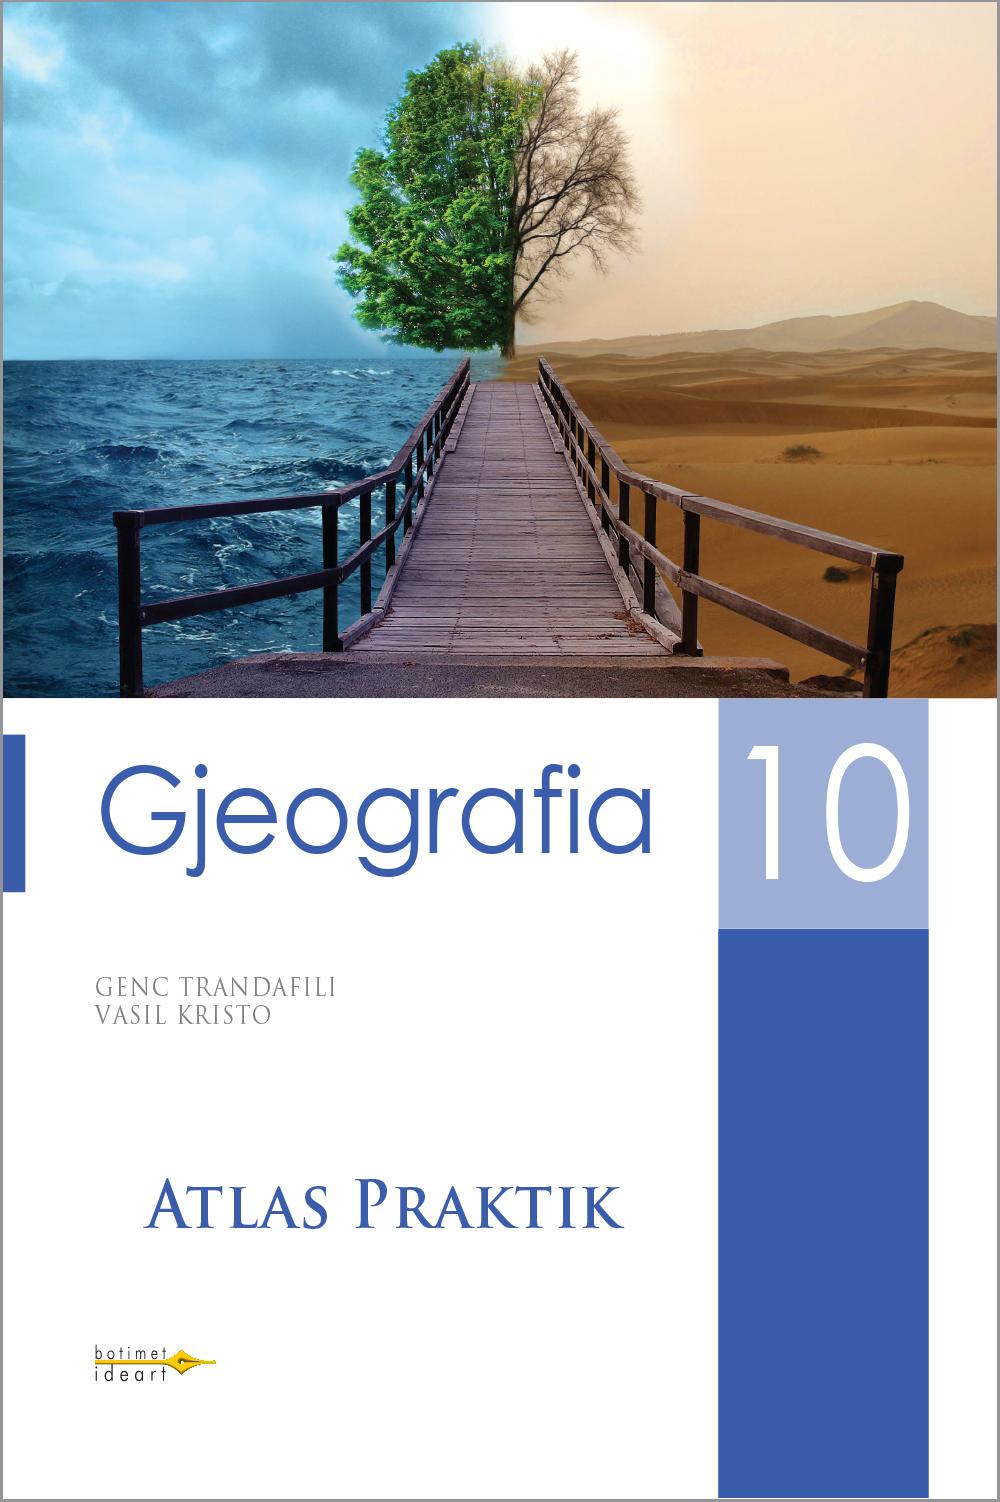 Atlas Praktik<br>Gjeografia 10